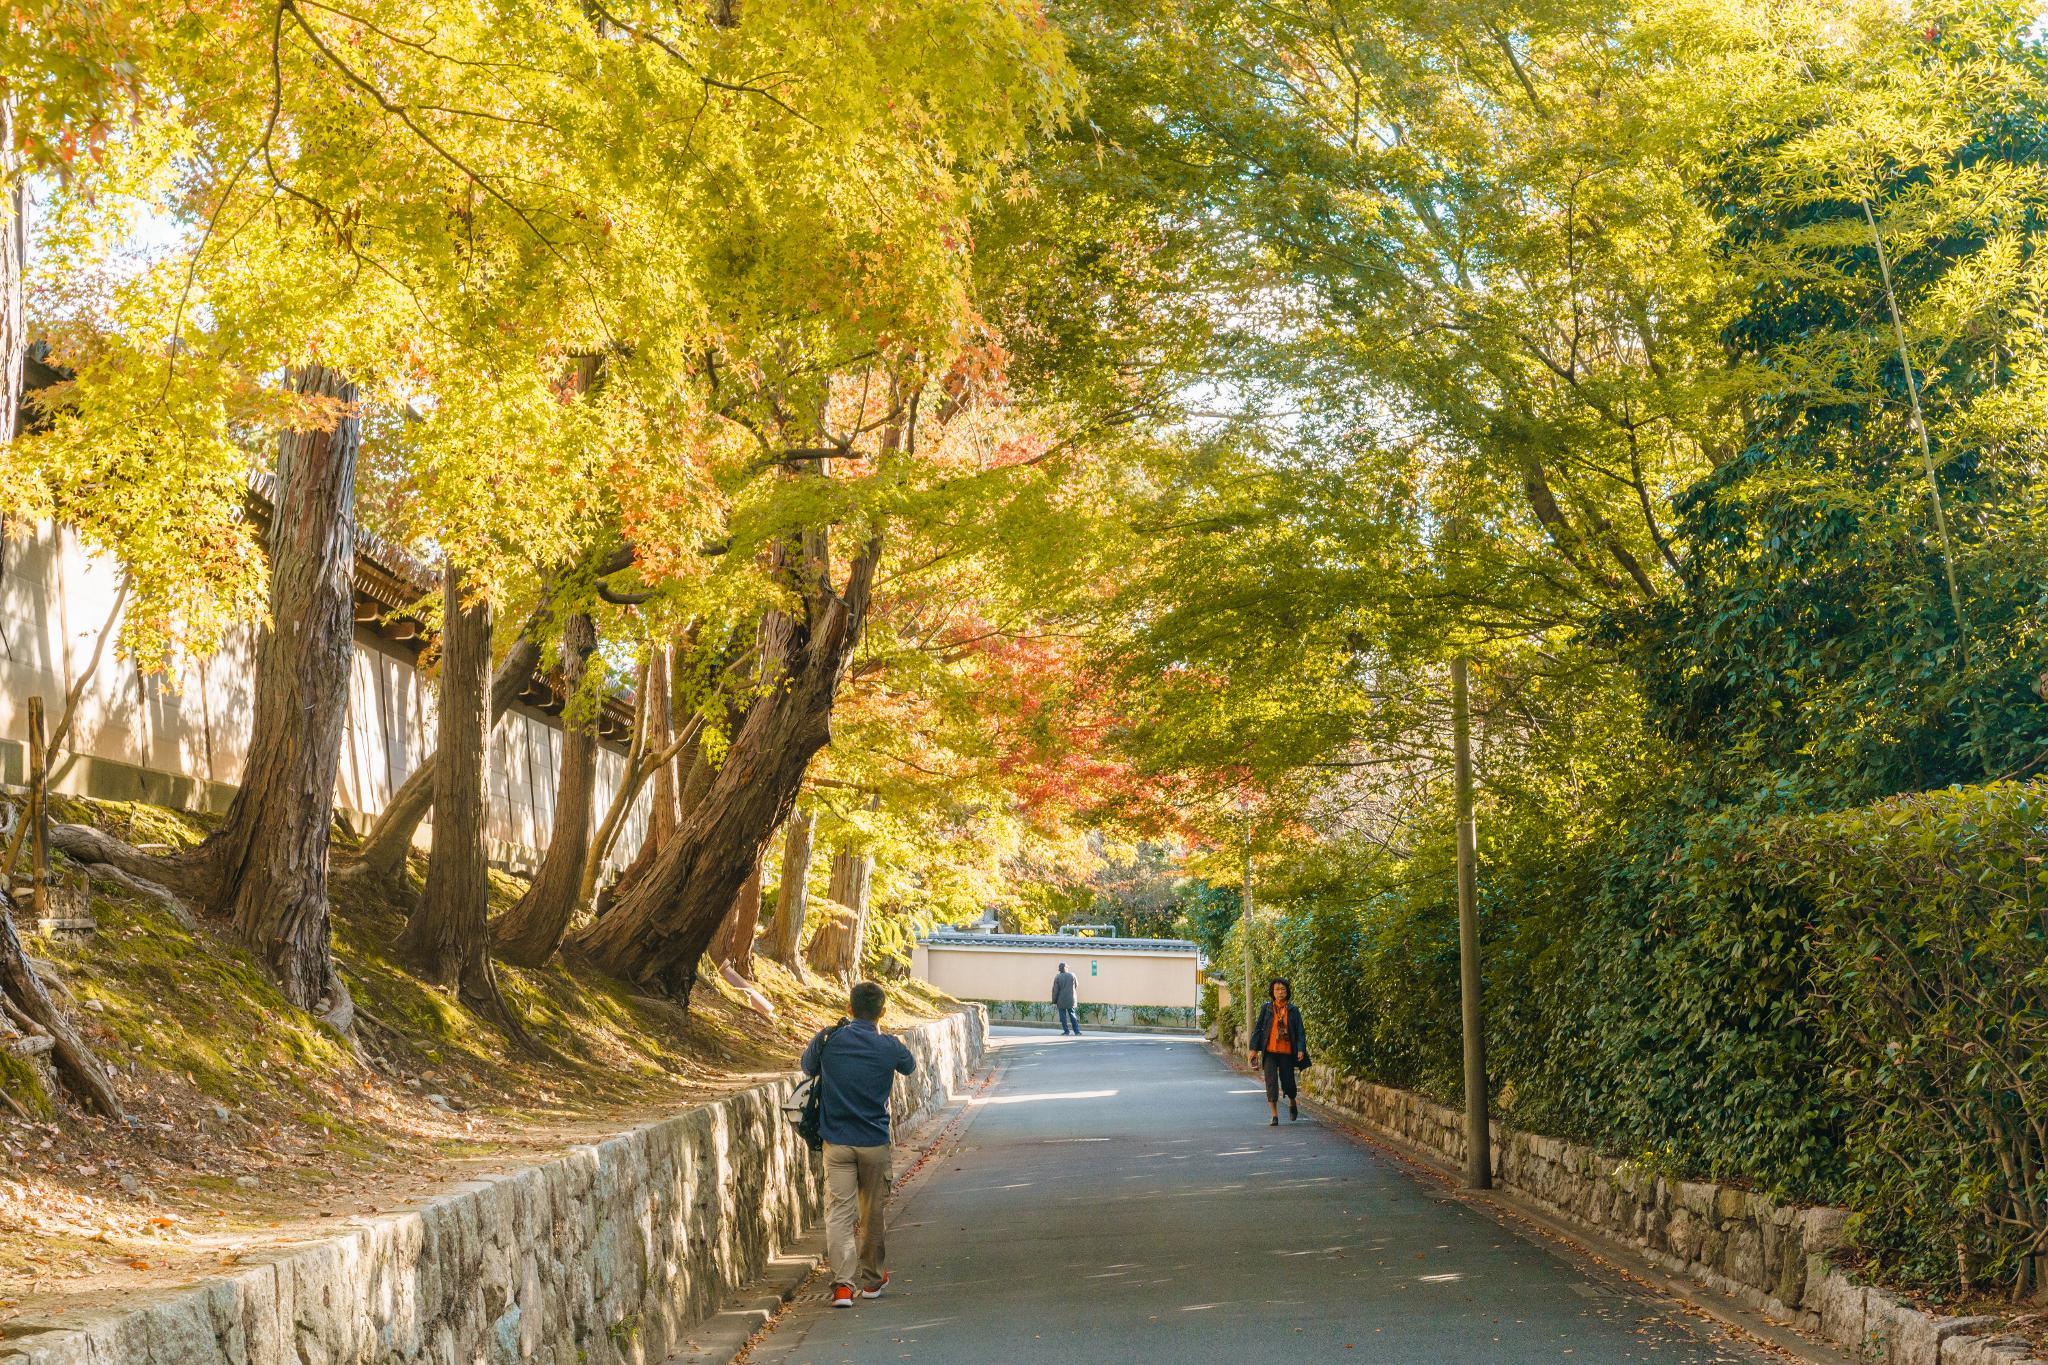 【京都】秋光葉影的古寺散策 - 南禪寺 78